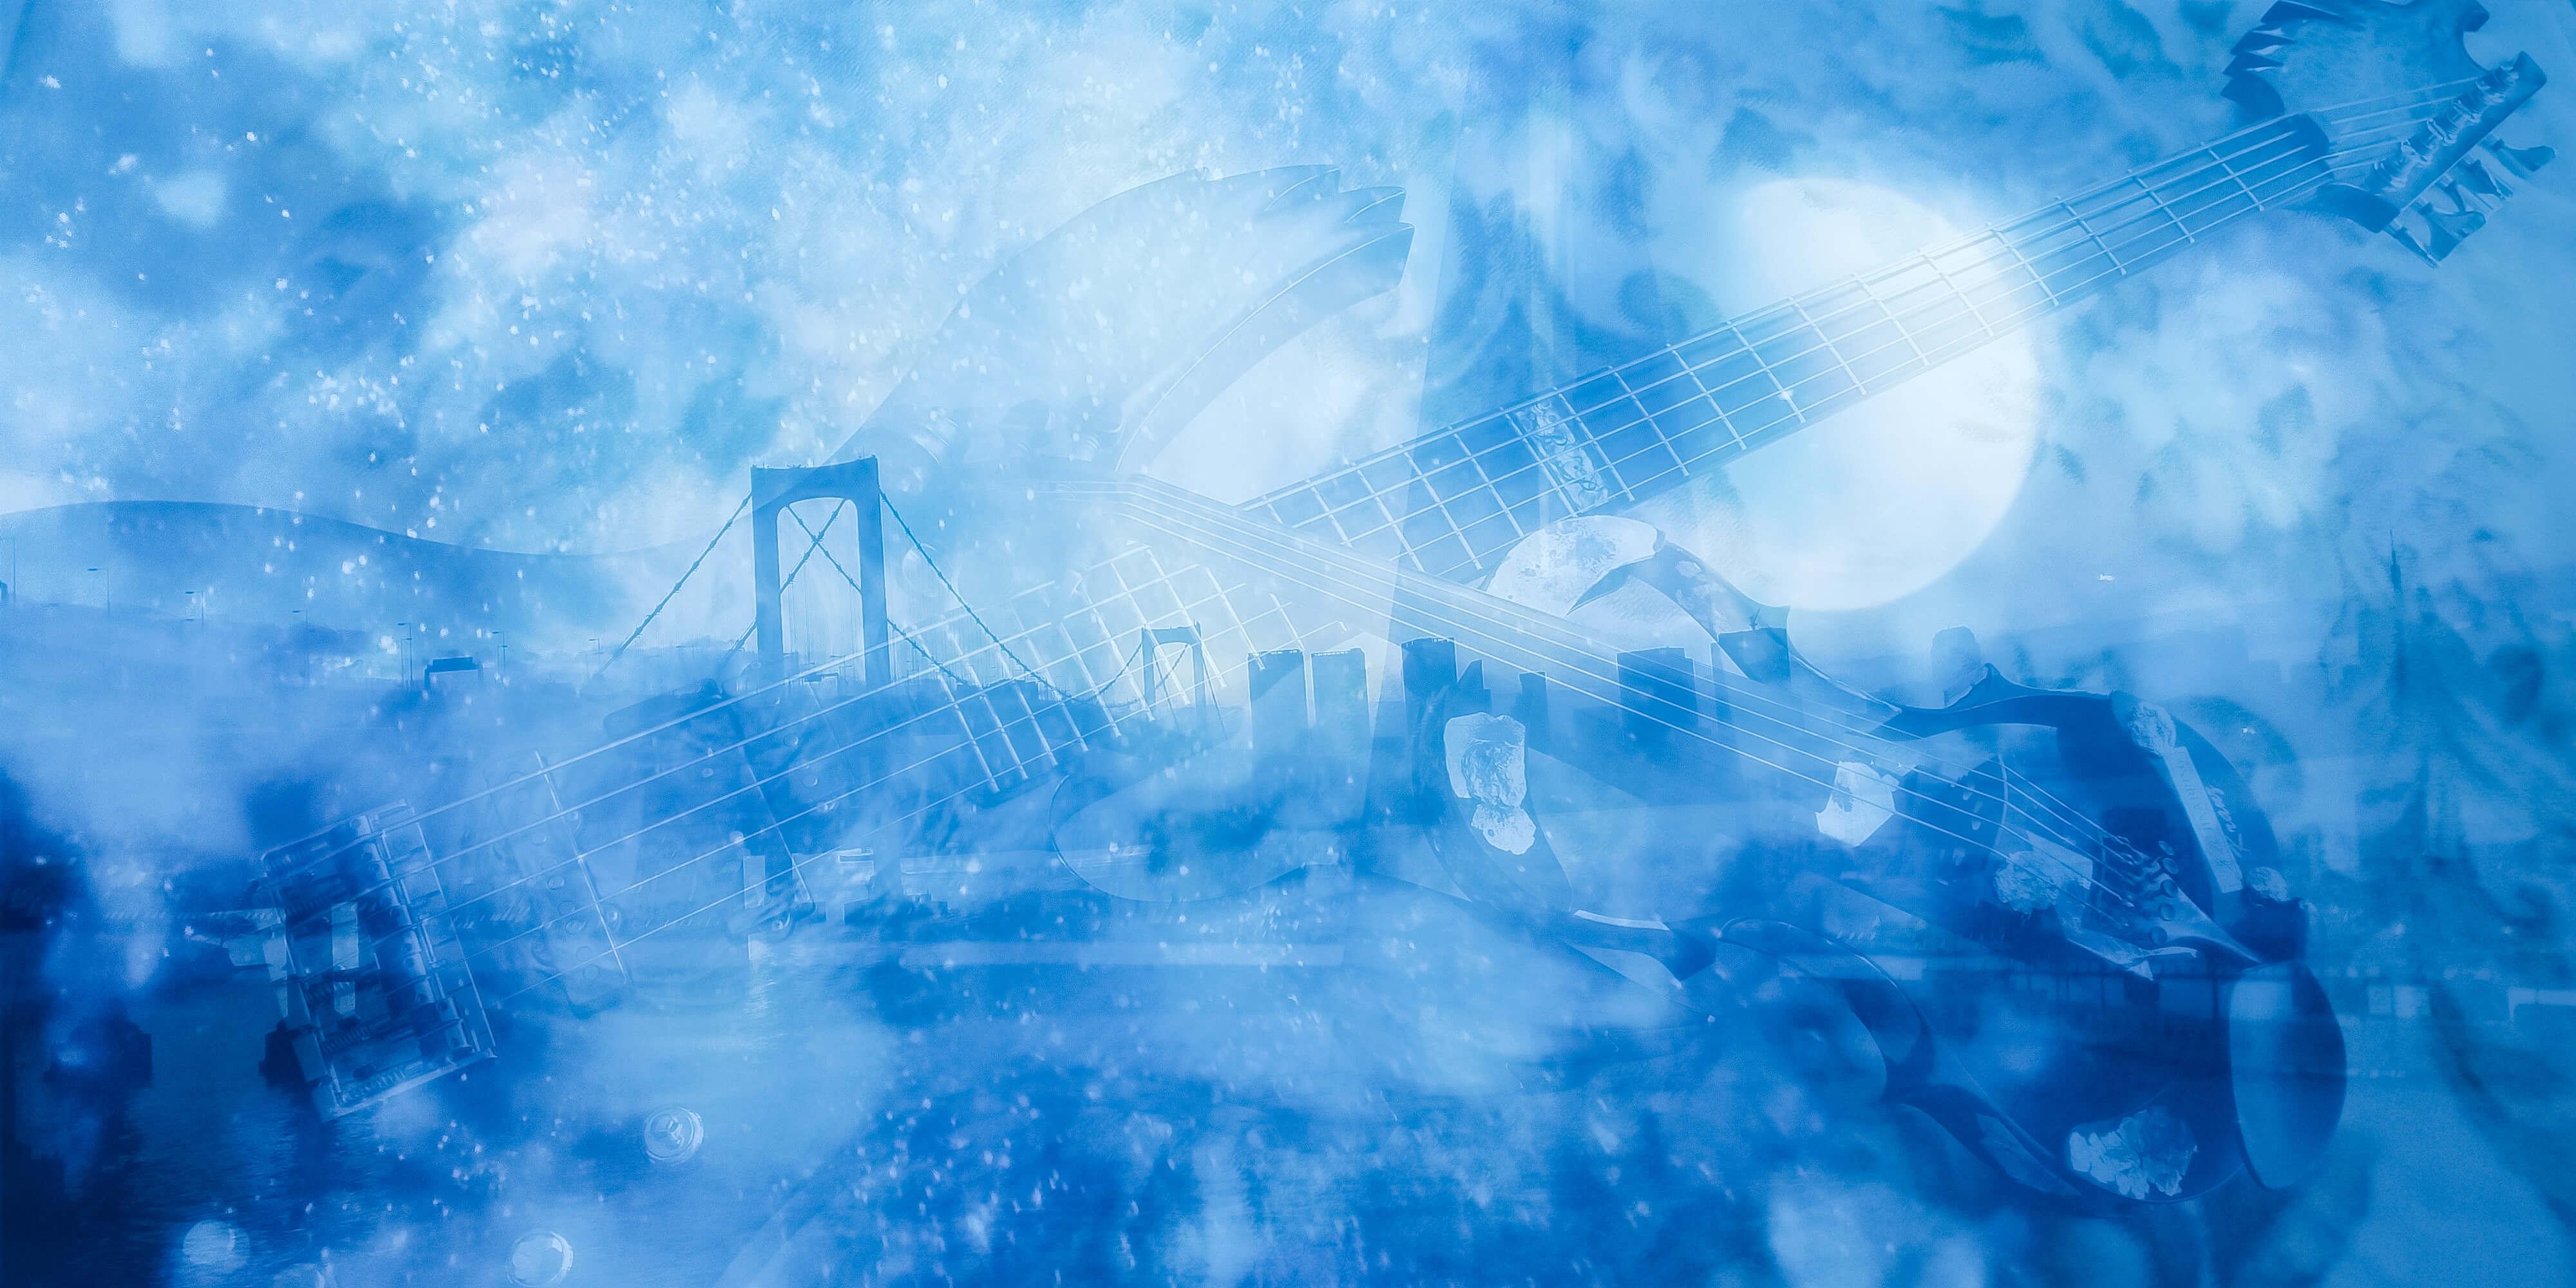 世にも珍しい5弦ベースとその風景画